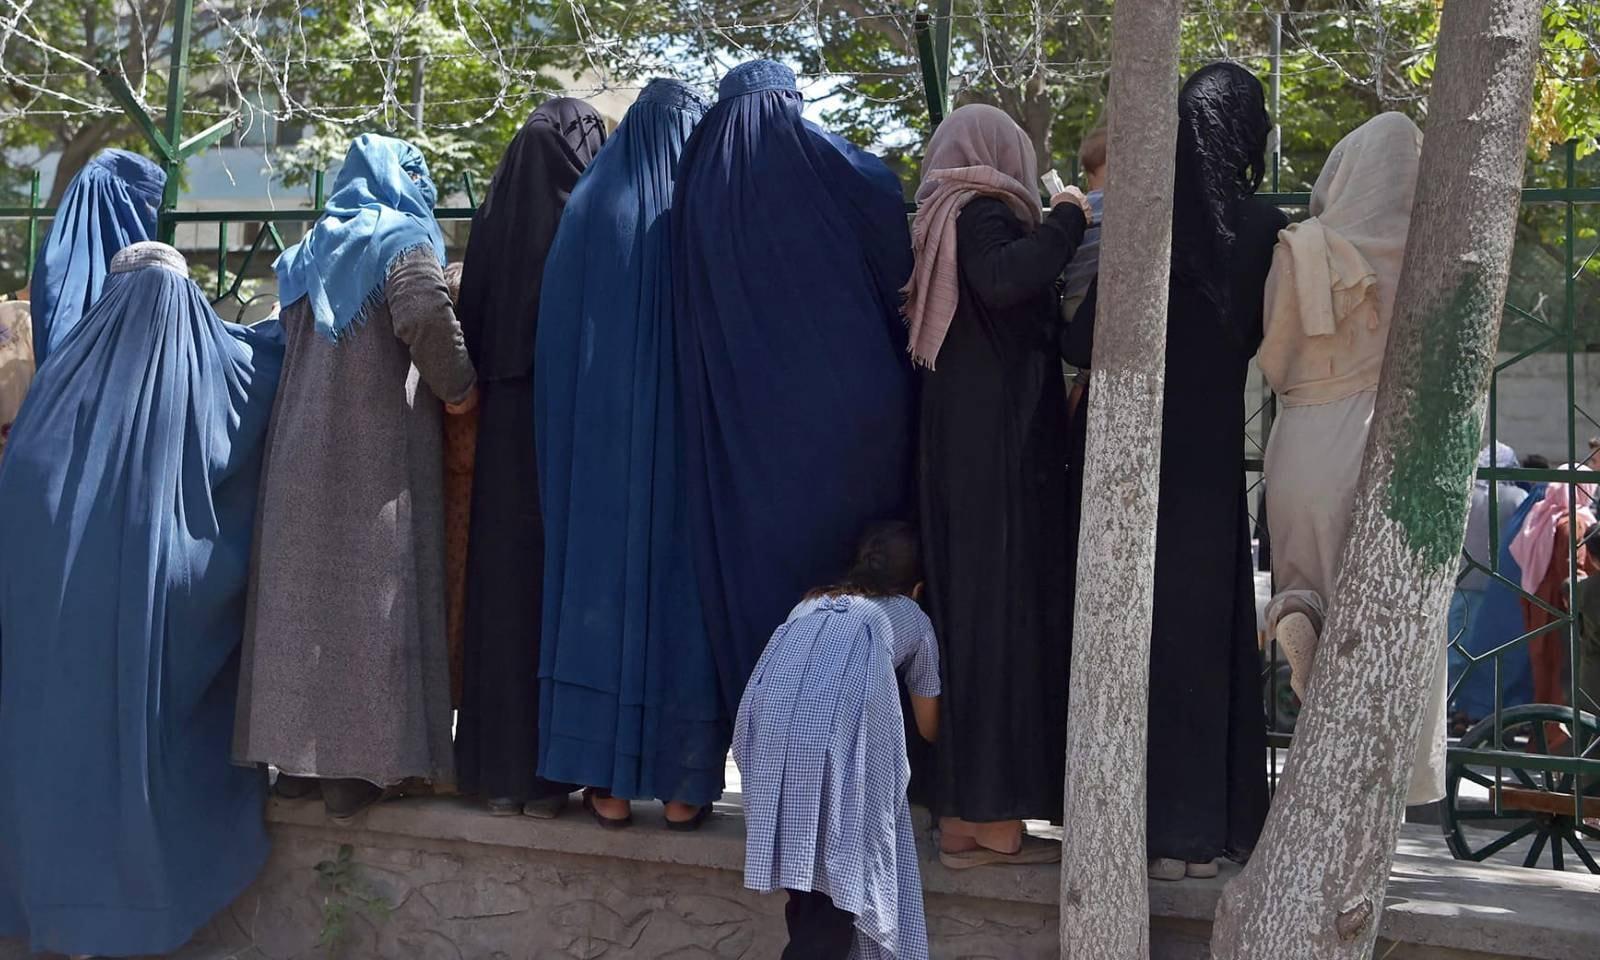 بے گھر ہونے والی افغان خواتین کابل کے شہرِ نو پارک میں مفت تقسیم ہونے والے کھانے کے لیے جمع ہو رہی ہیں — فوٹو: اے ایف پی